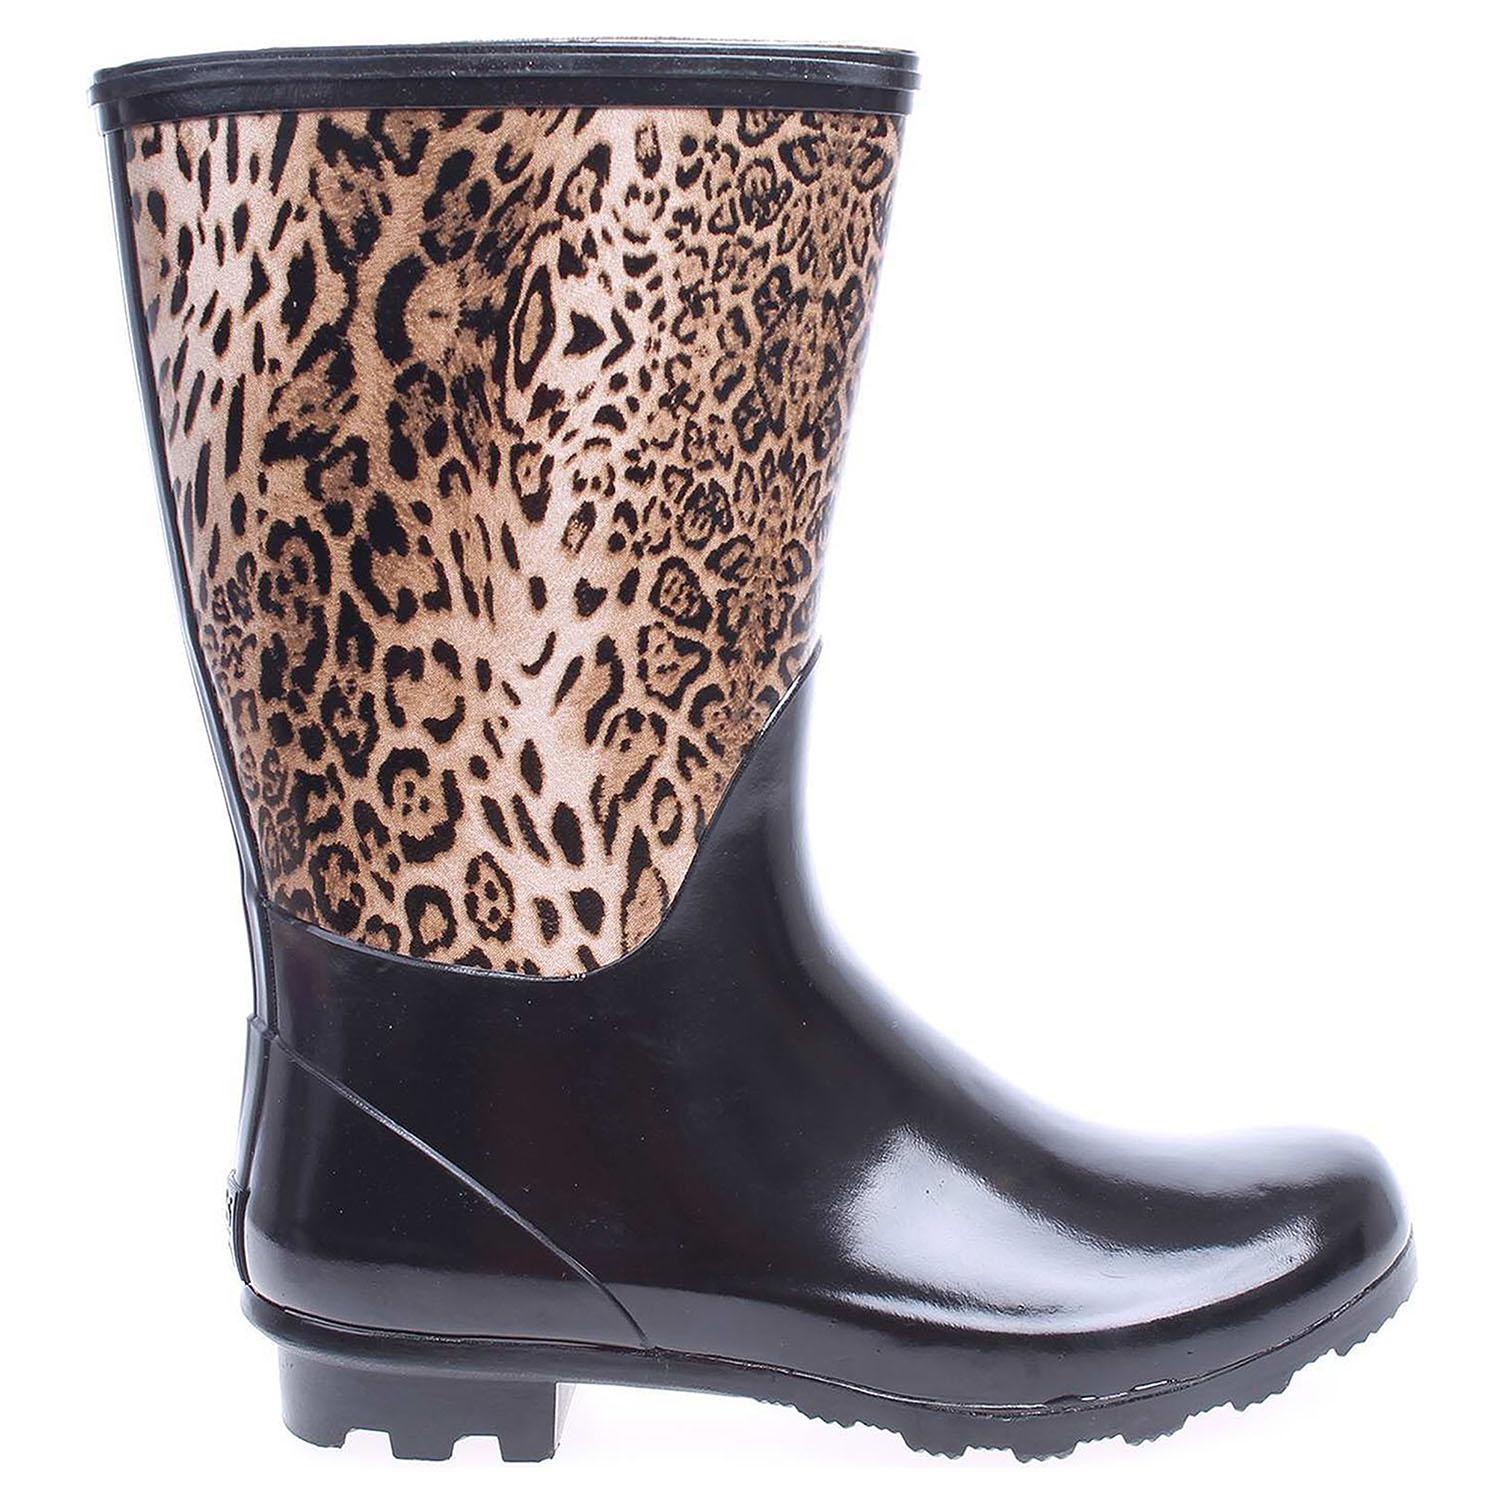 Gioseppo dívčí holinky Wetland leopard Wetland leopard 31